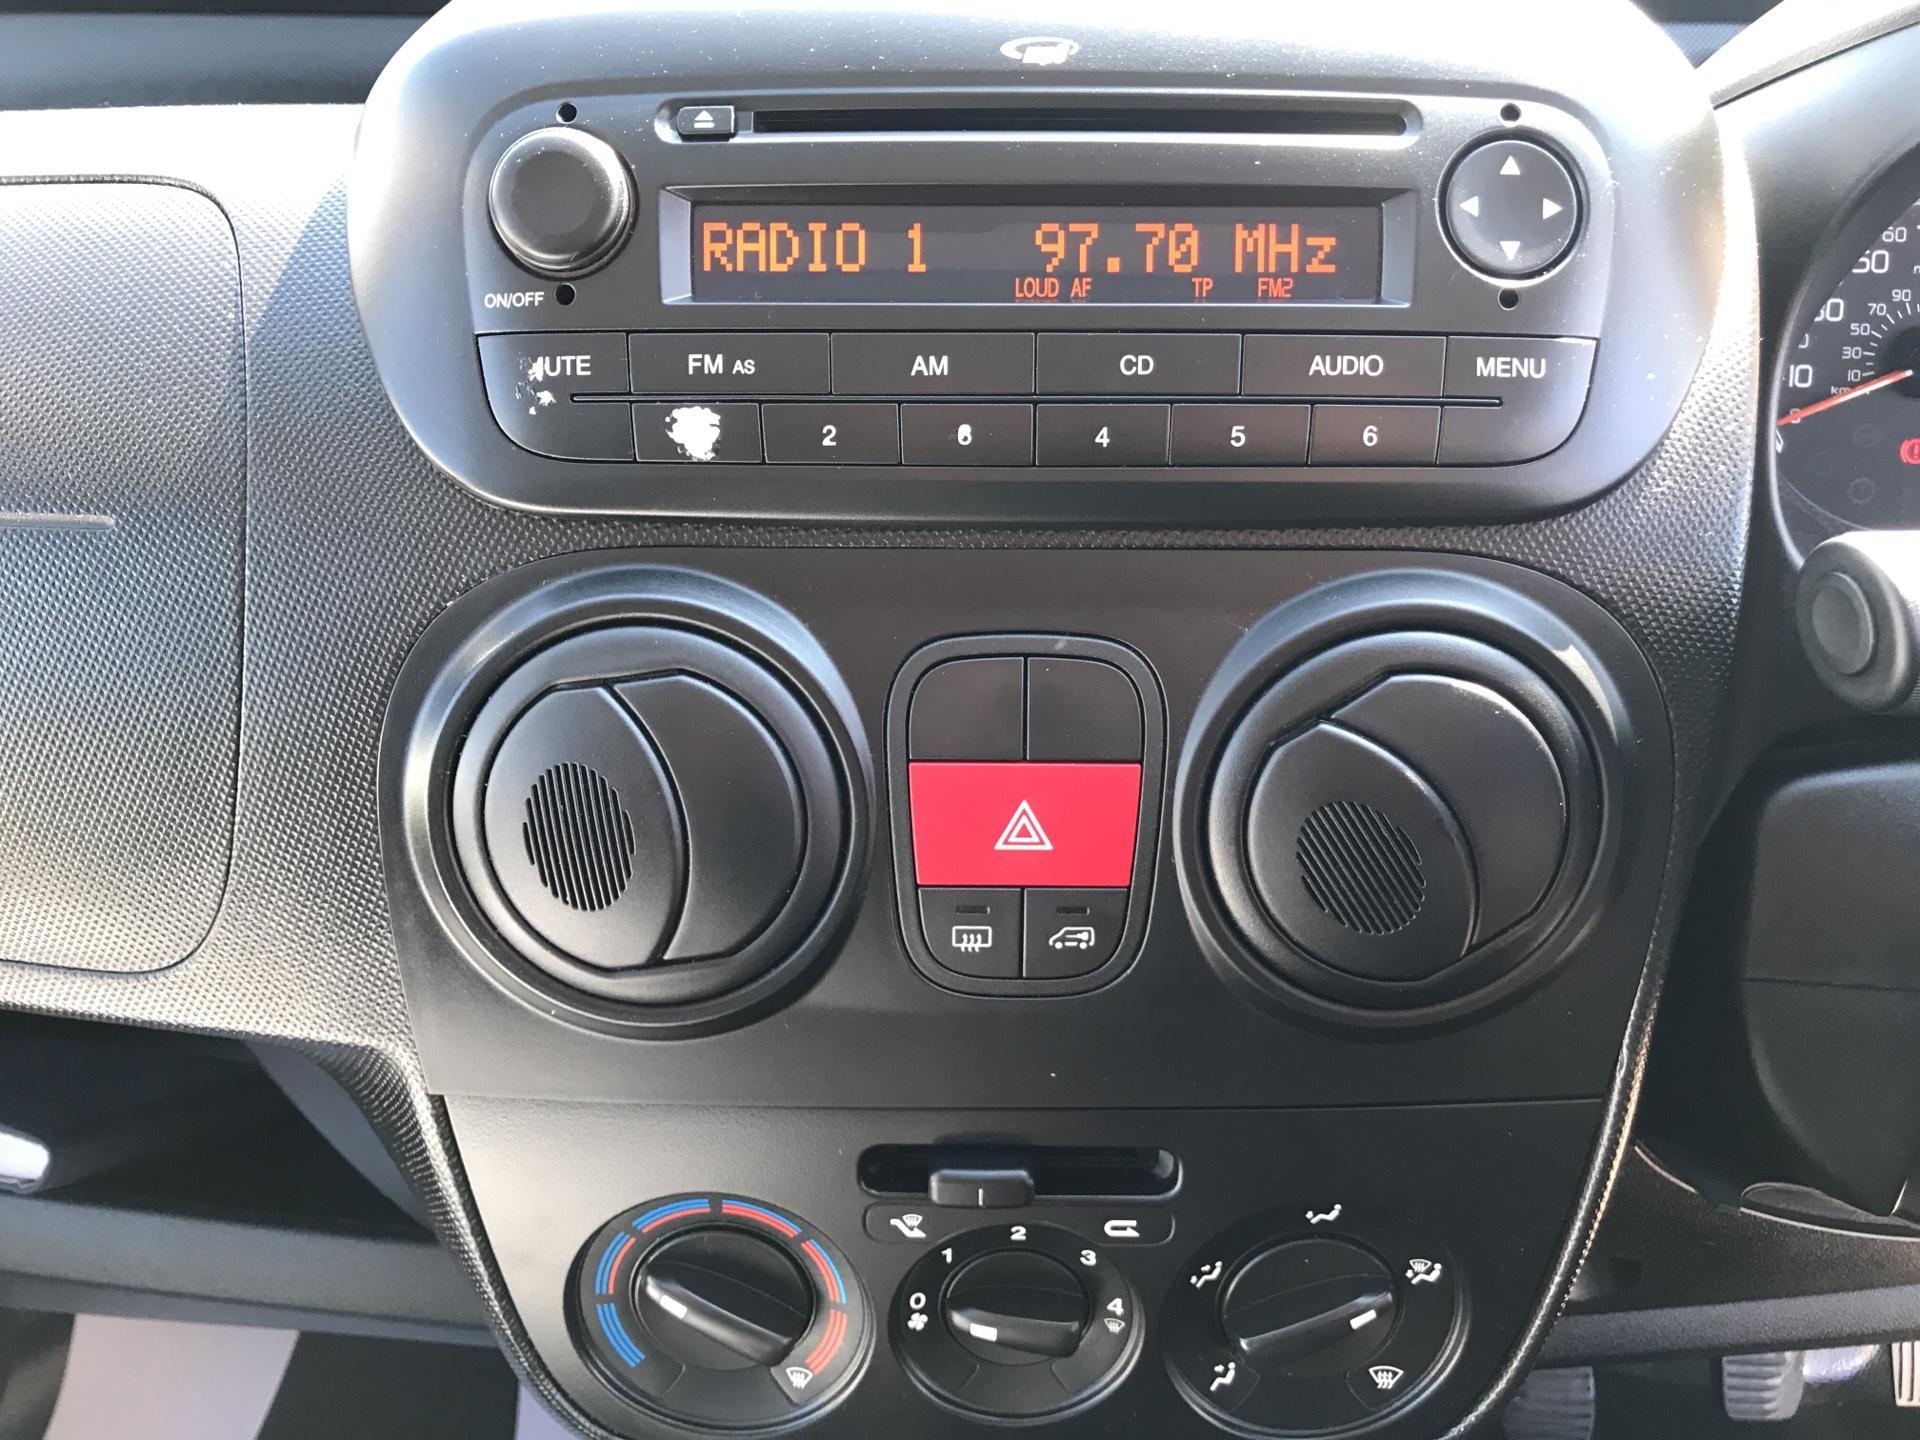 2016 Peugeot Bipper 1.3 HDI 75 S PLUS PACK NON S/S EURO 5 (NV66MJJ) Image 10